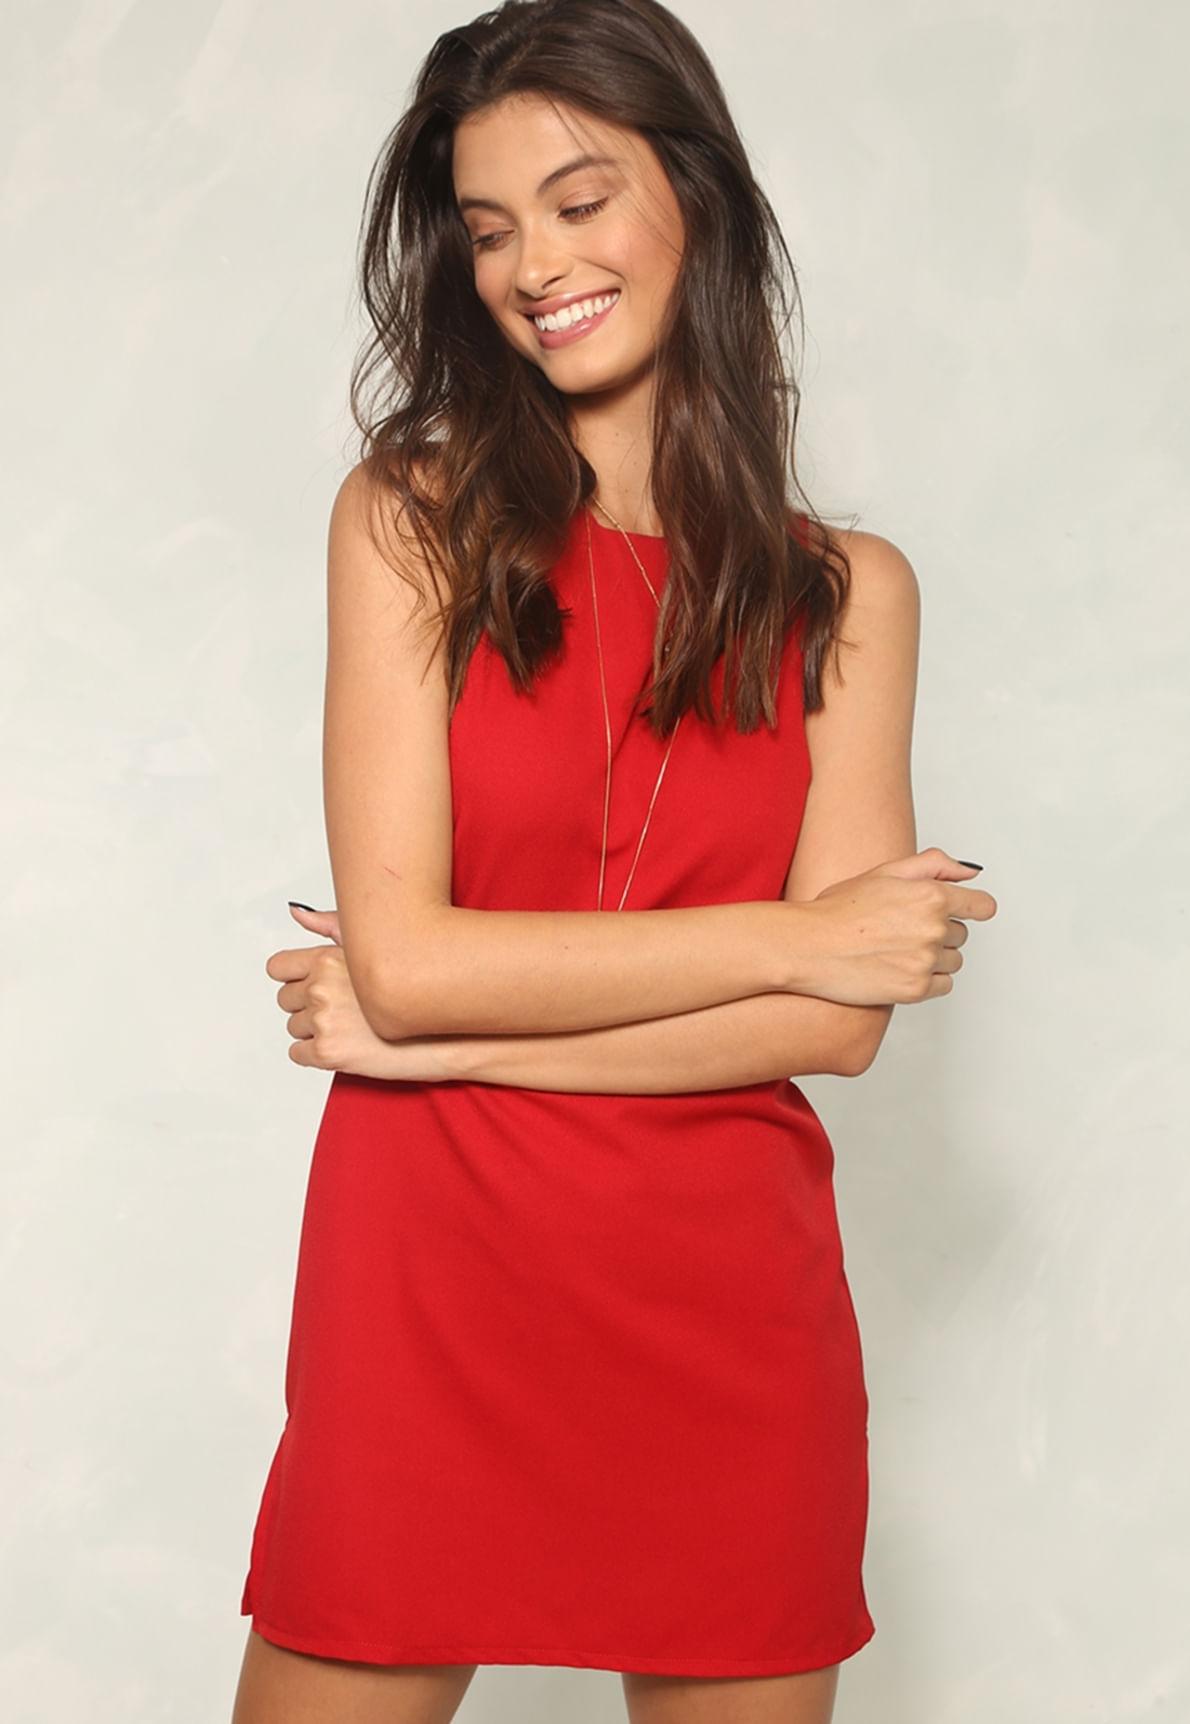 27249-vestido-vermelho-gabriela-mundo-lolita-02